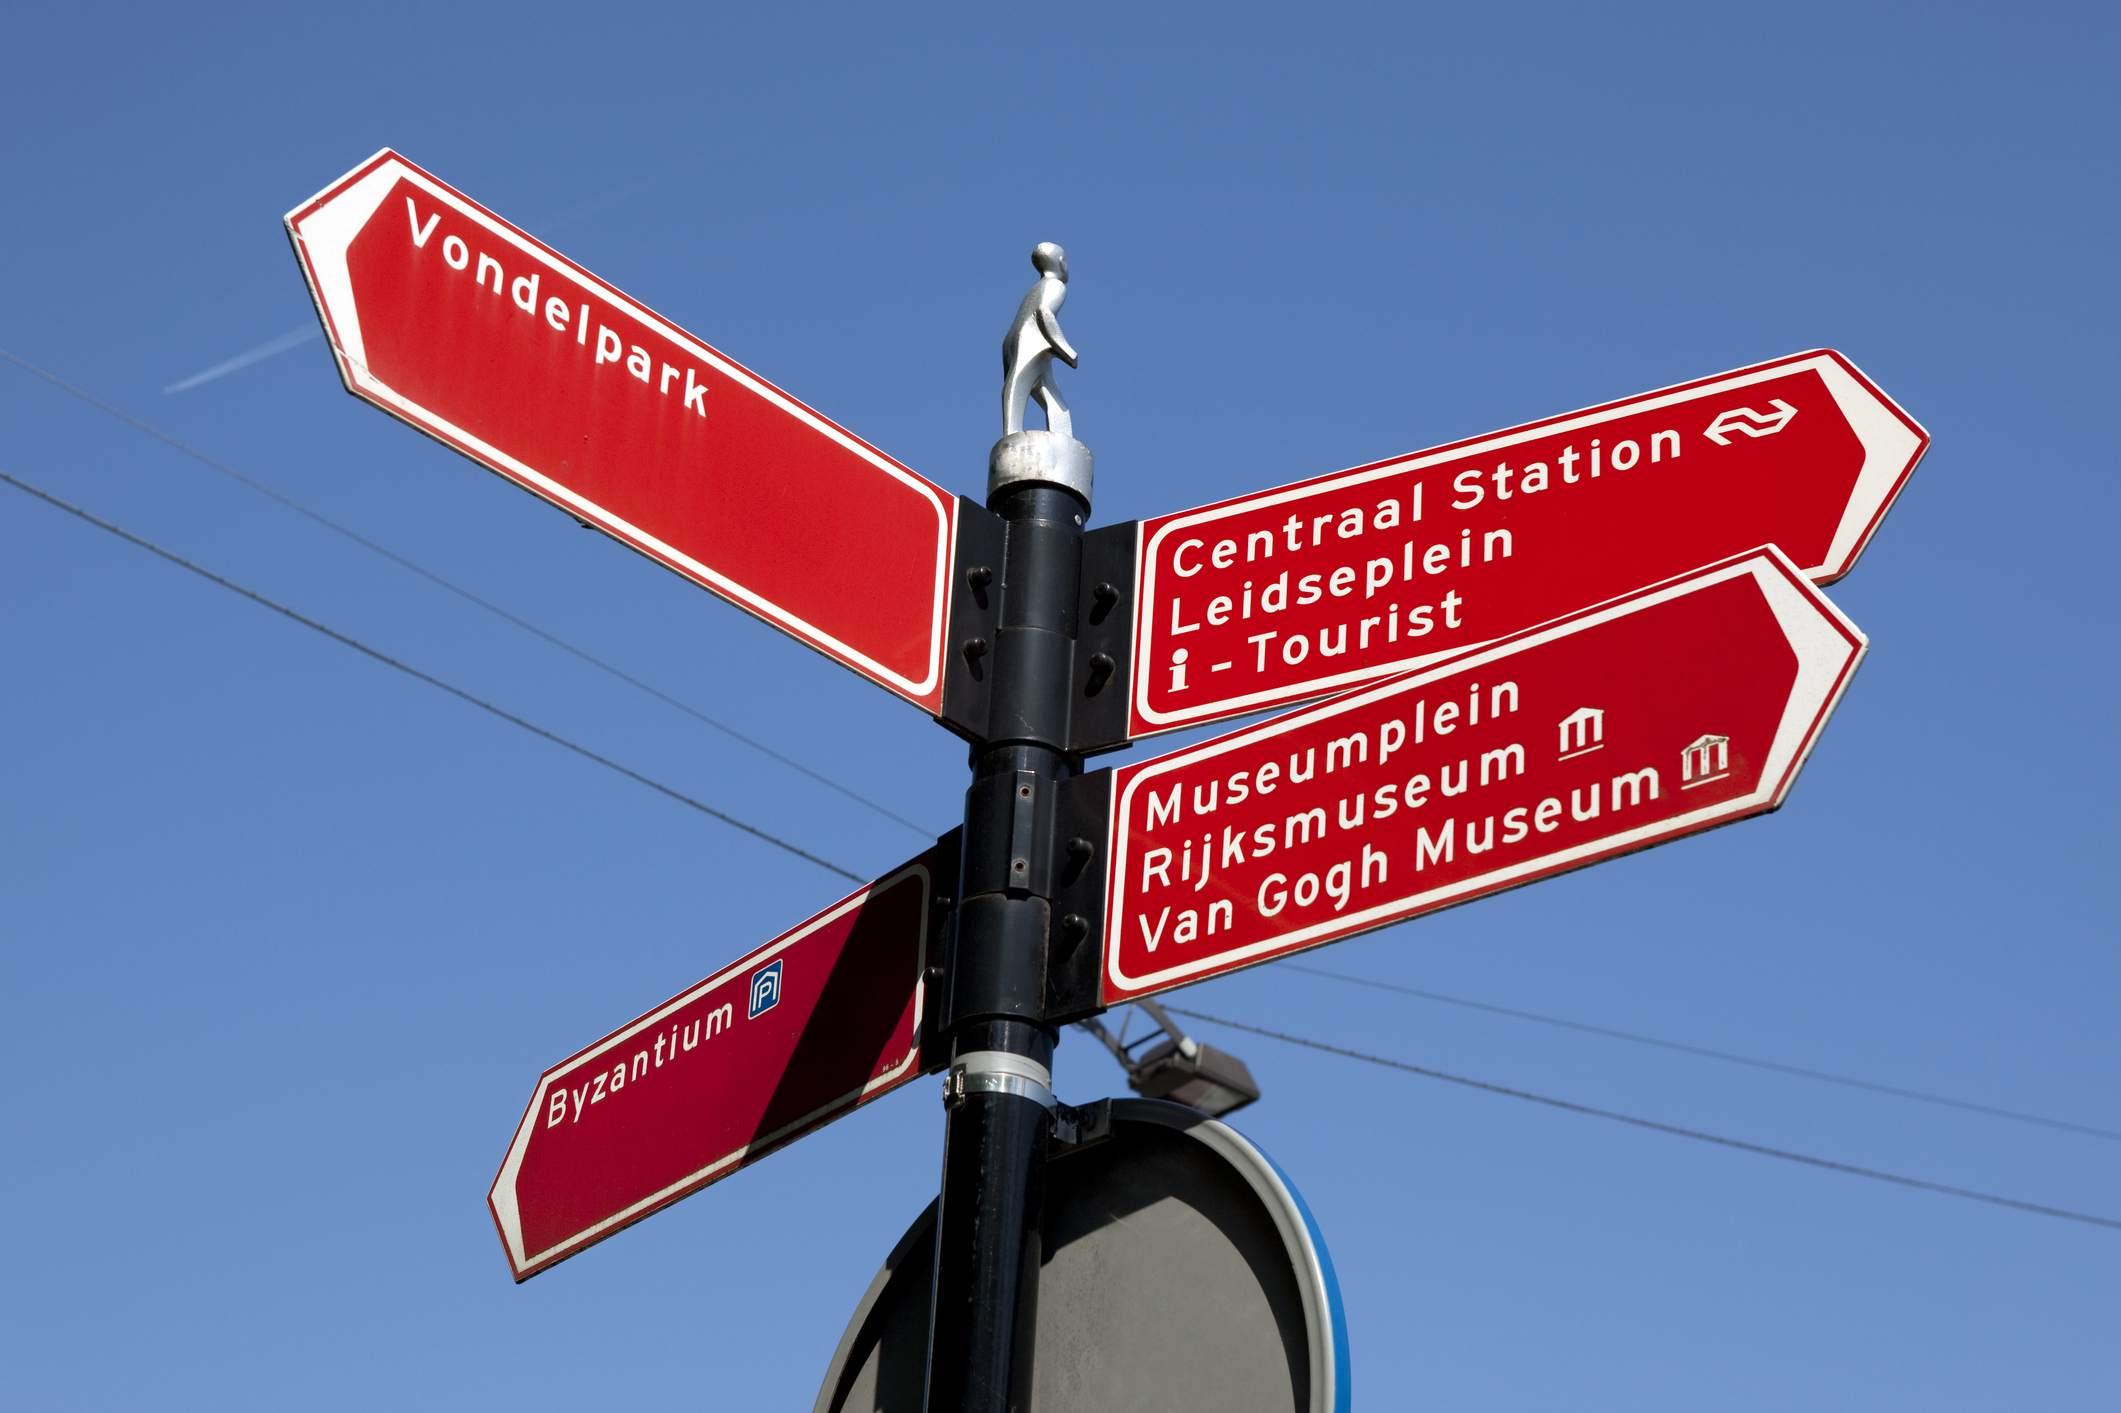 Todas las señales apuntan a los museos de Amsterdam